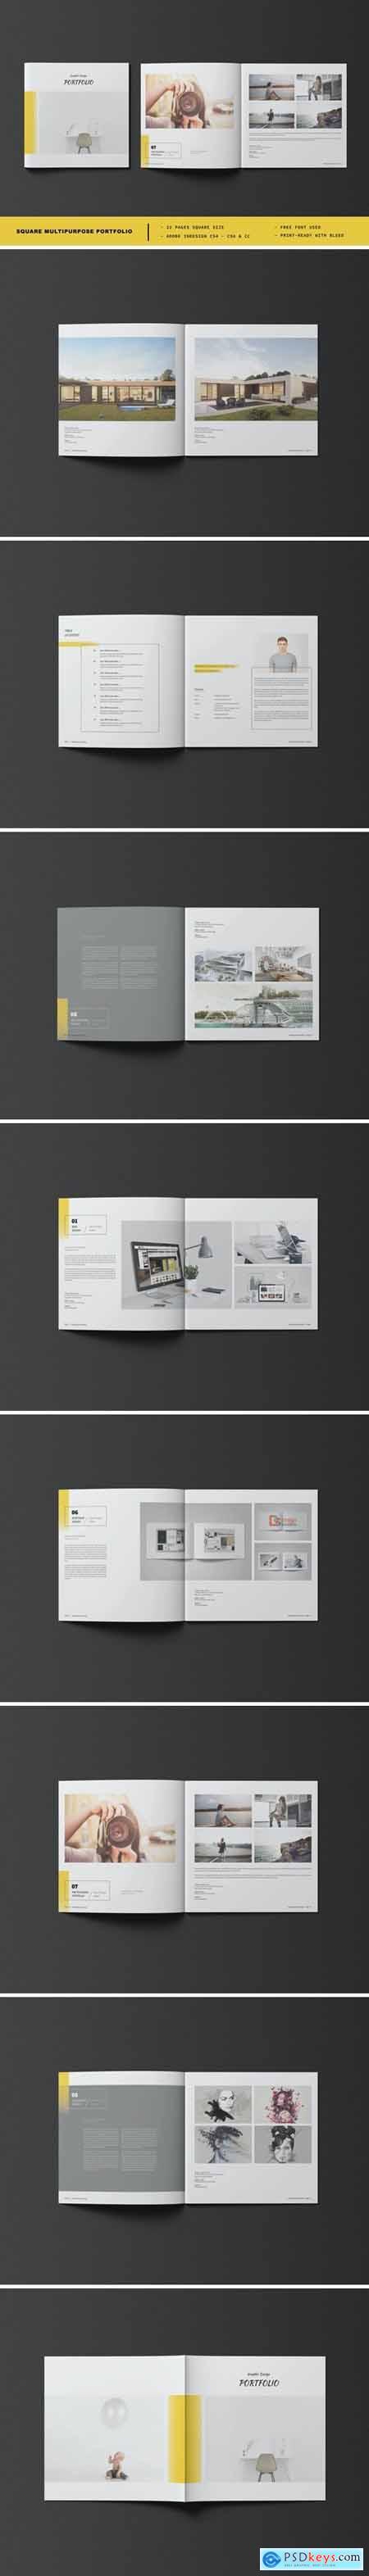 Square Multipurpose Portfolio